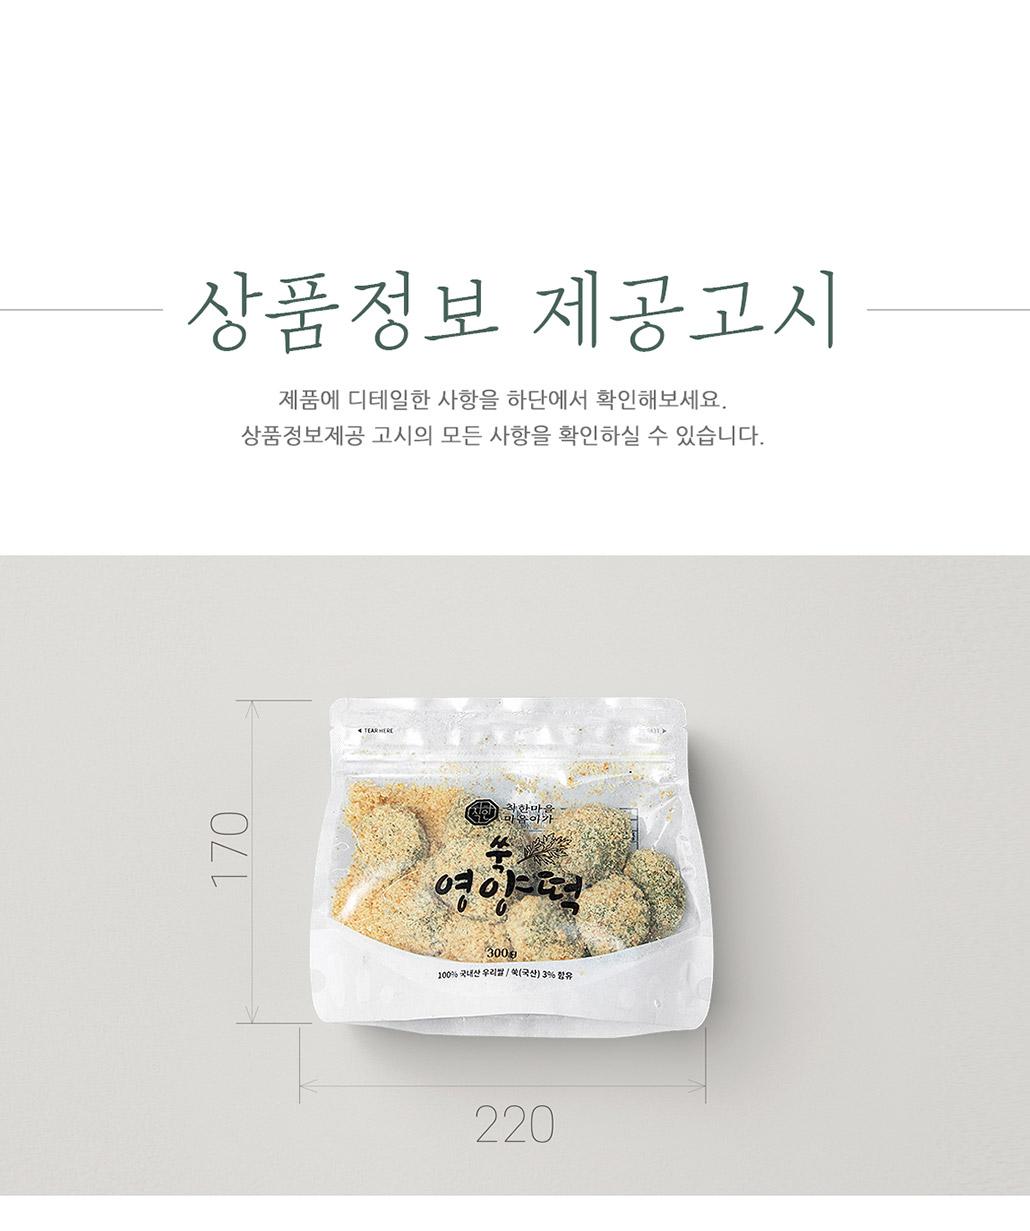 韓國食品-[Mauminga] Rice Cake 300g